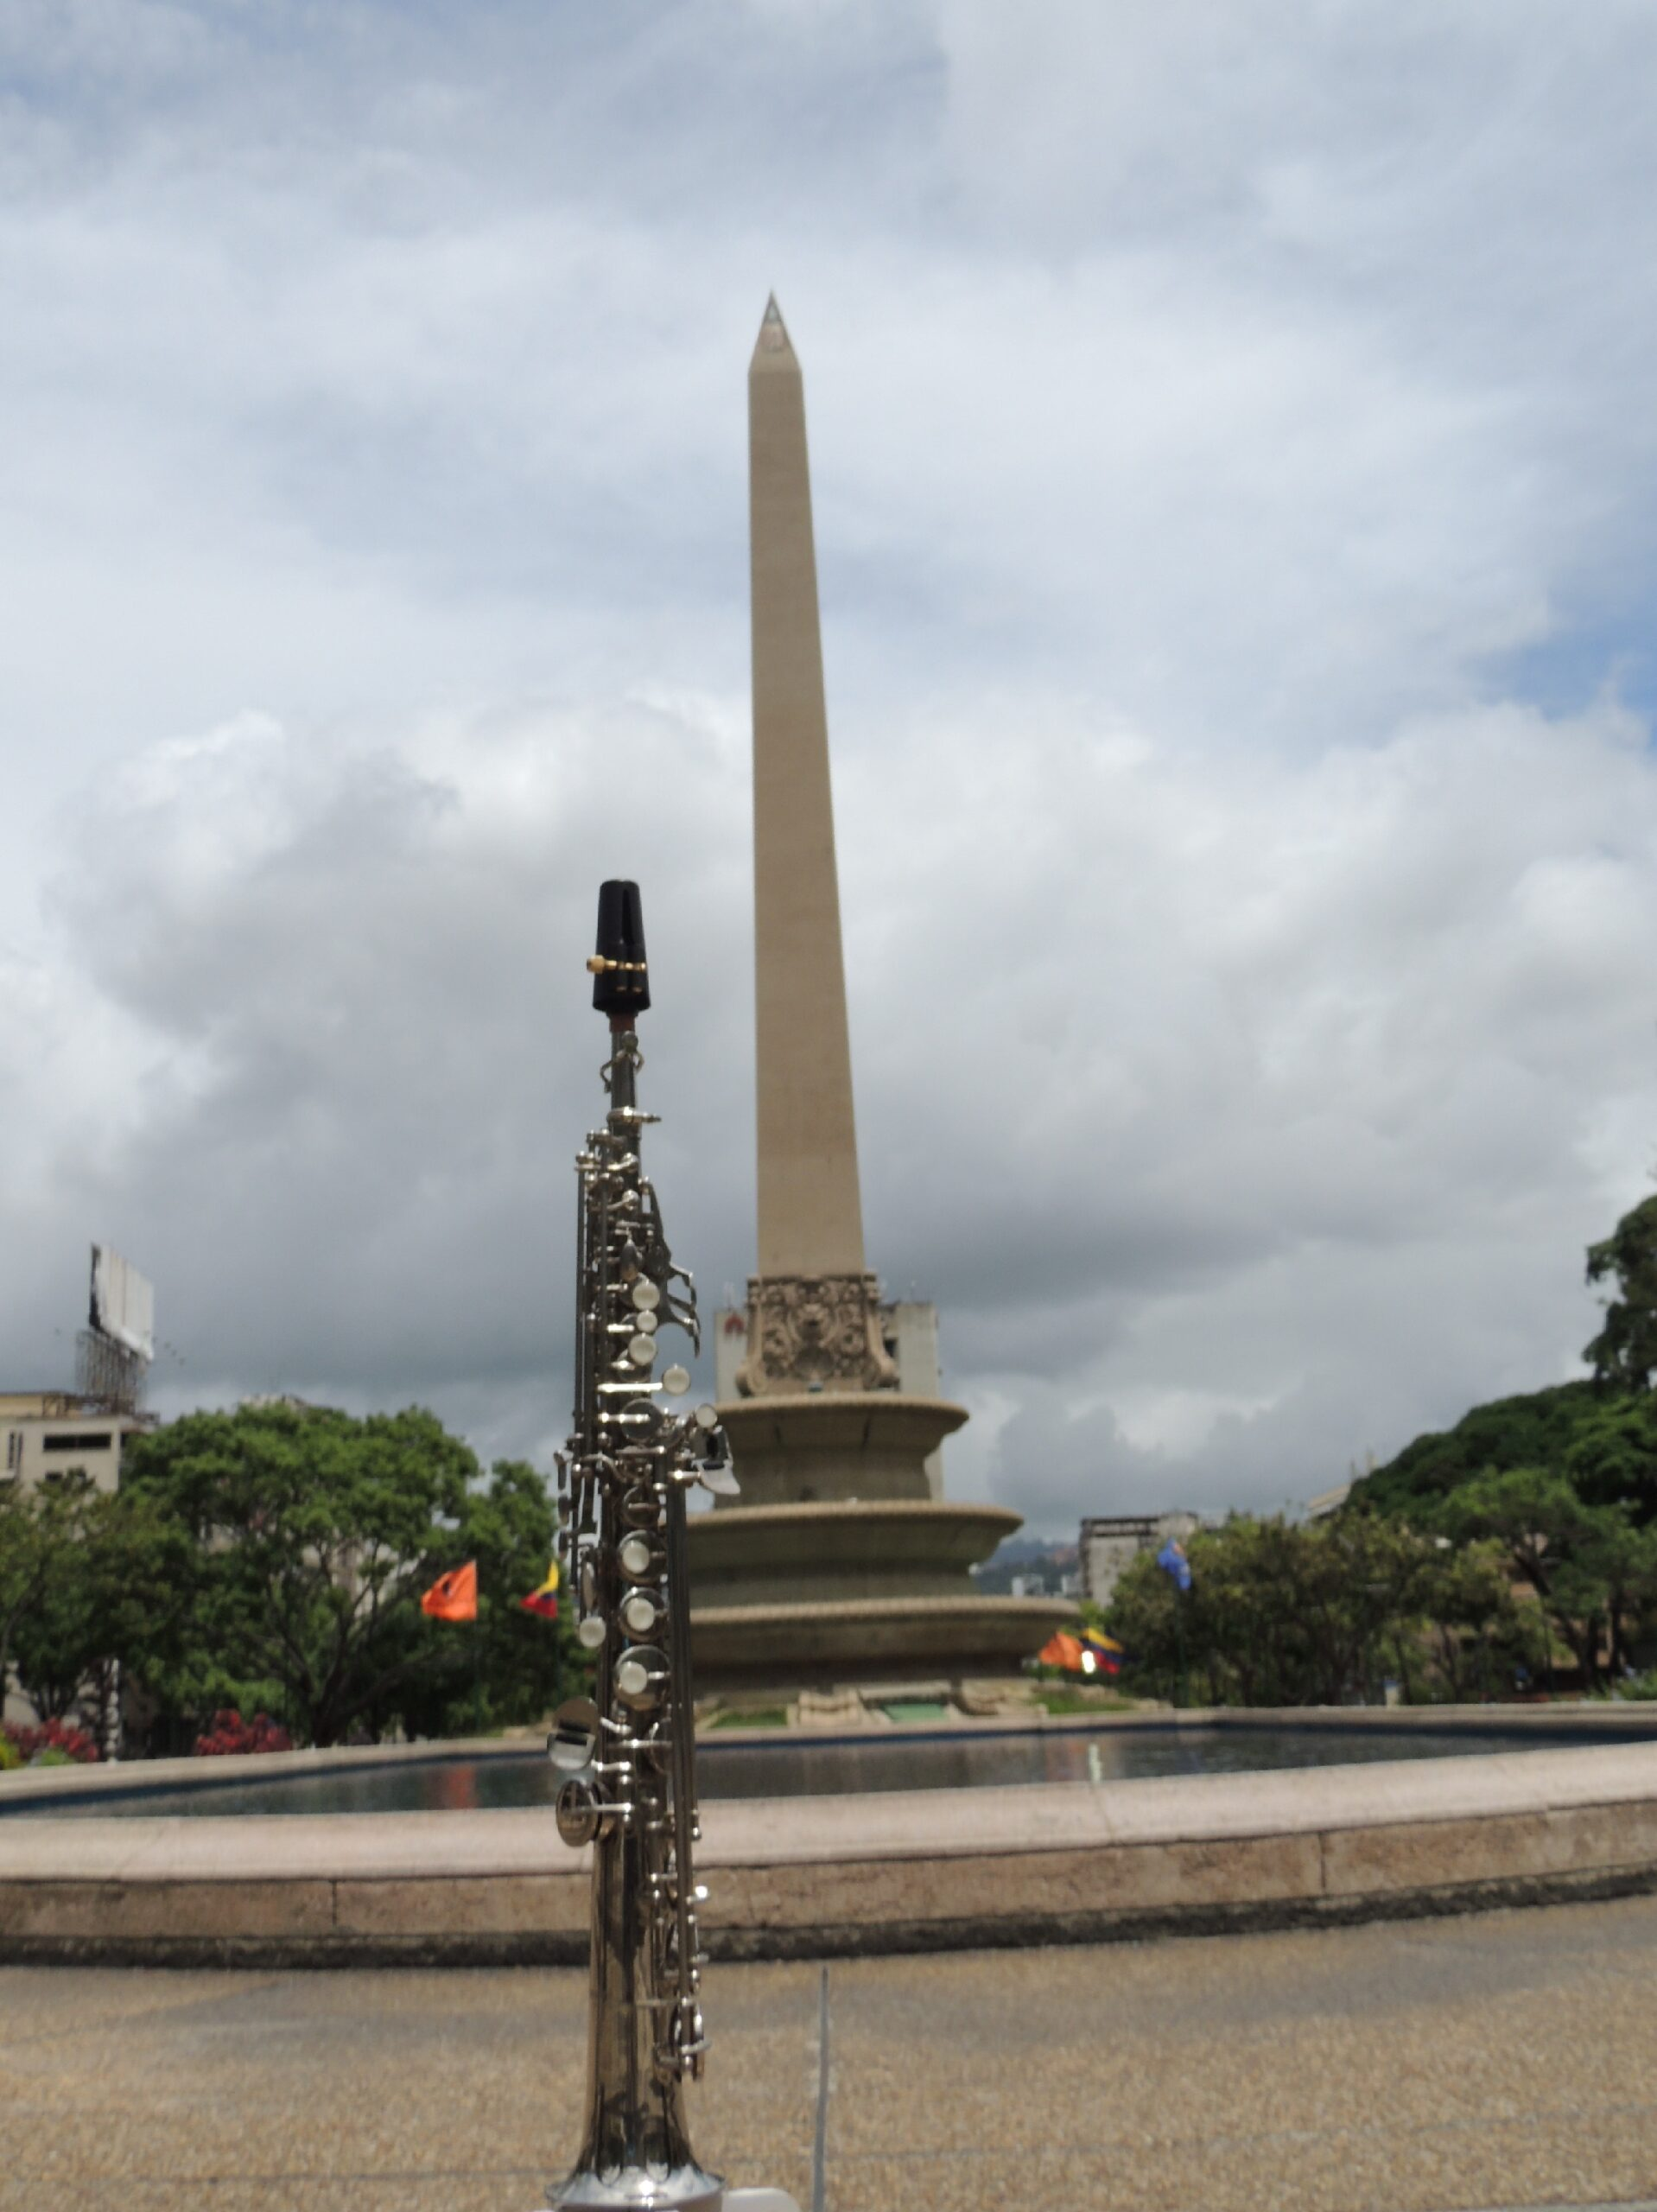 Entre la Fusión de Arquitectura, Música y Ciudad Caracas Vive - Qué Significa Ser Caraqueño